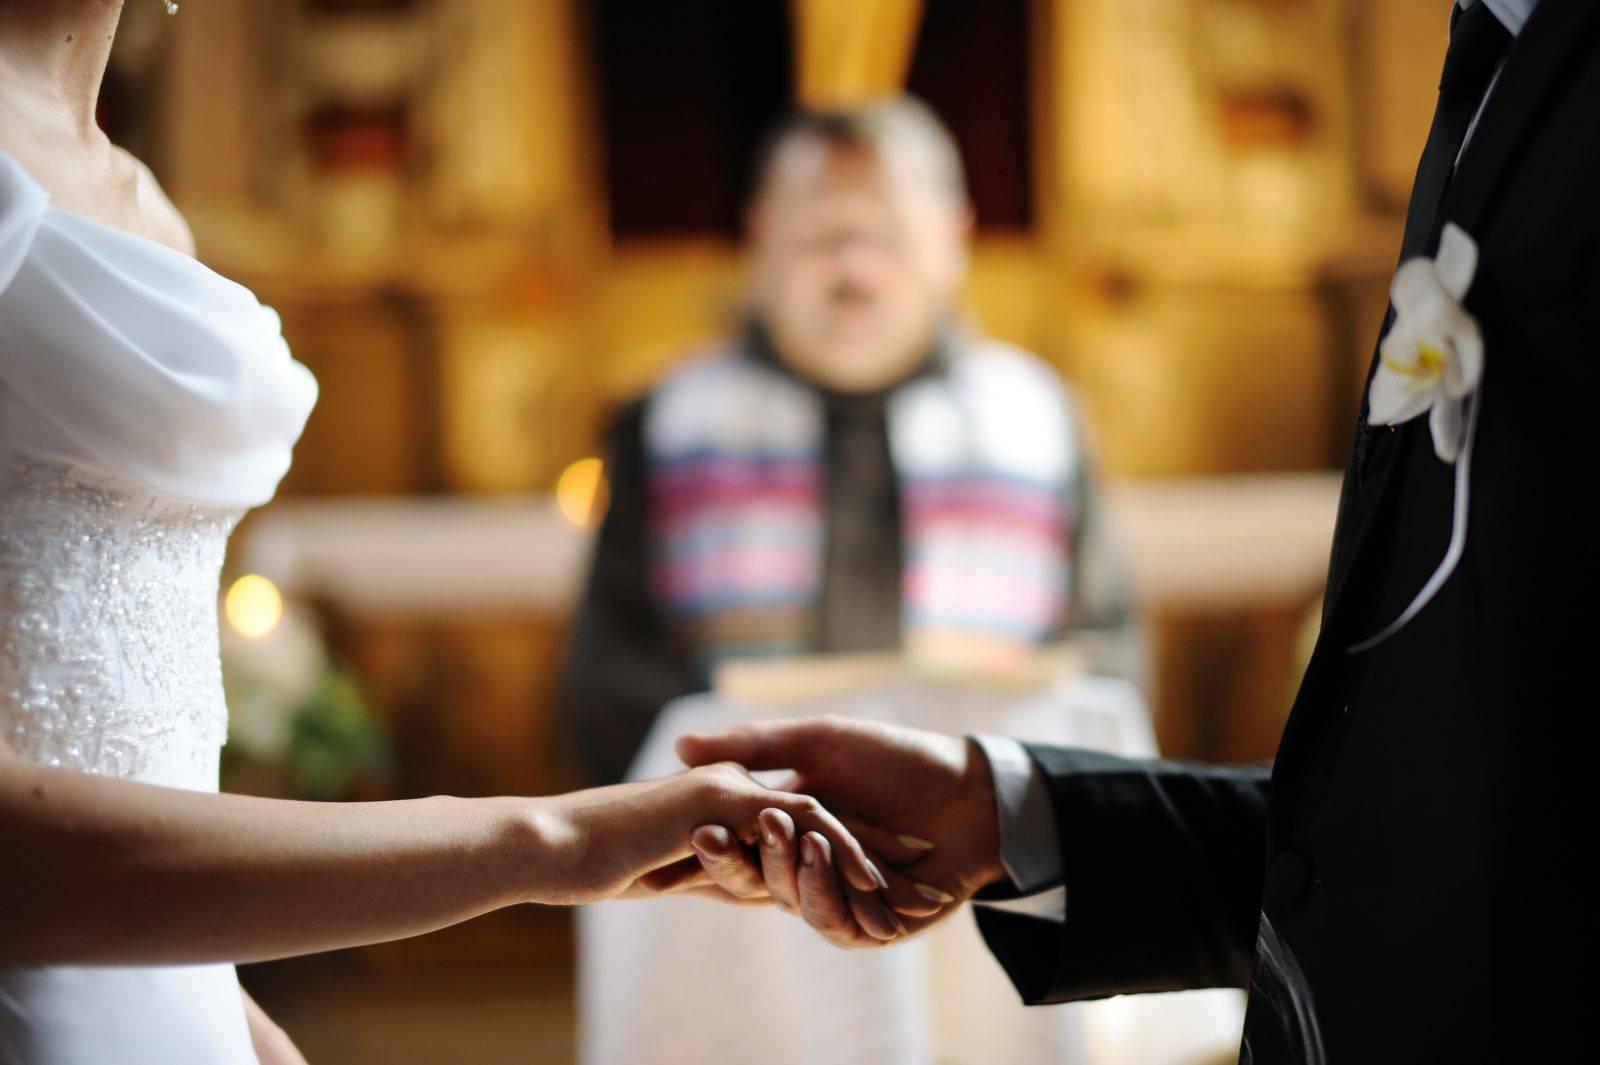 Matrimonio da incubo, la sposa rimane sola al banchetto nuziale …